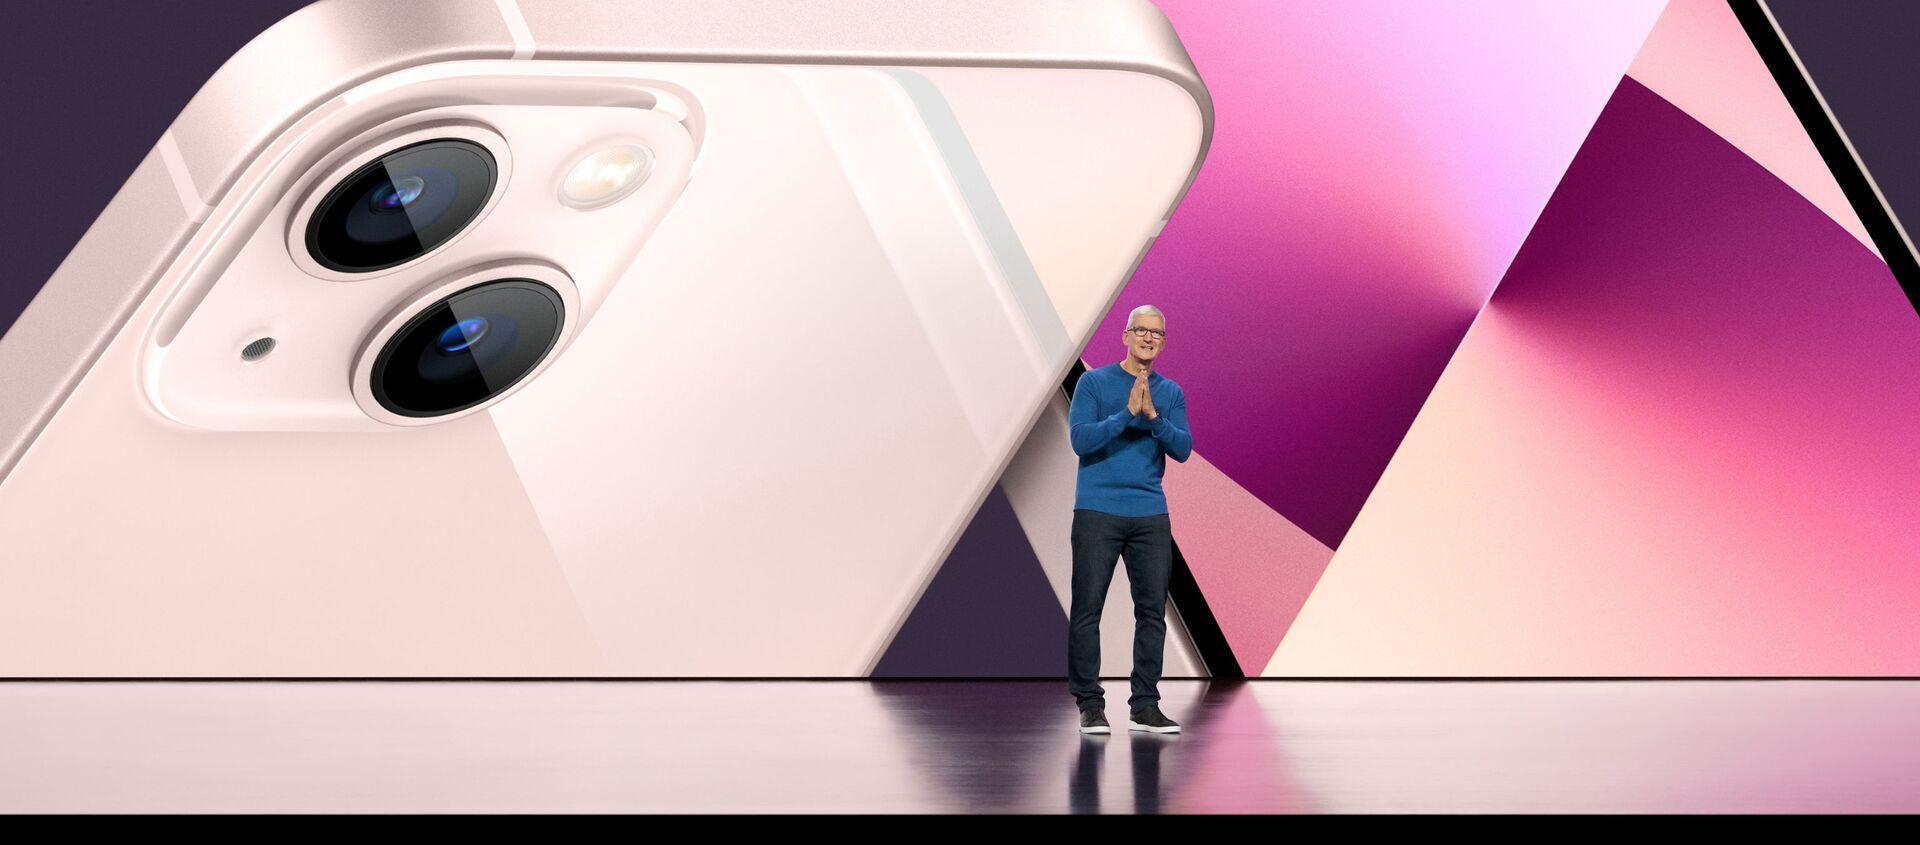 Генеральный директор Apple Тим Кук на презентации iPhone 13 - Sputnik Южная Осетия, 1920, 16.09.2021